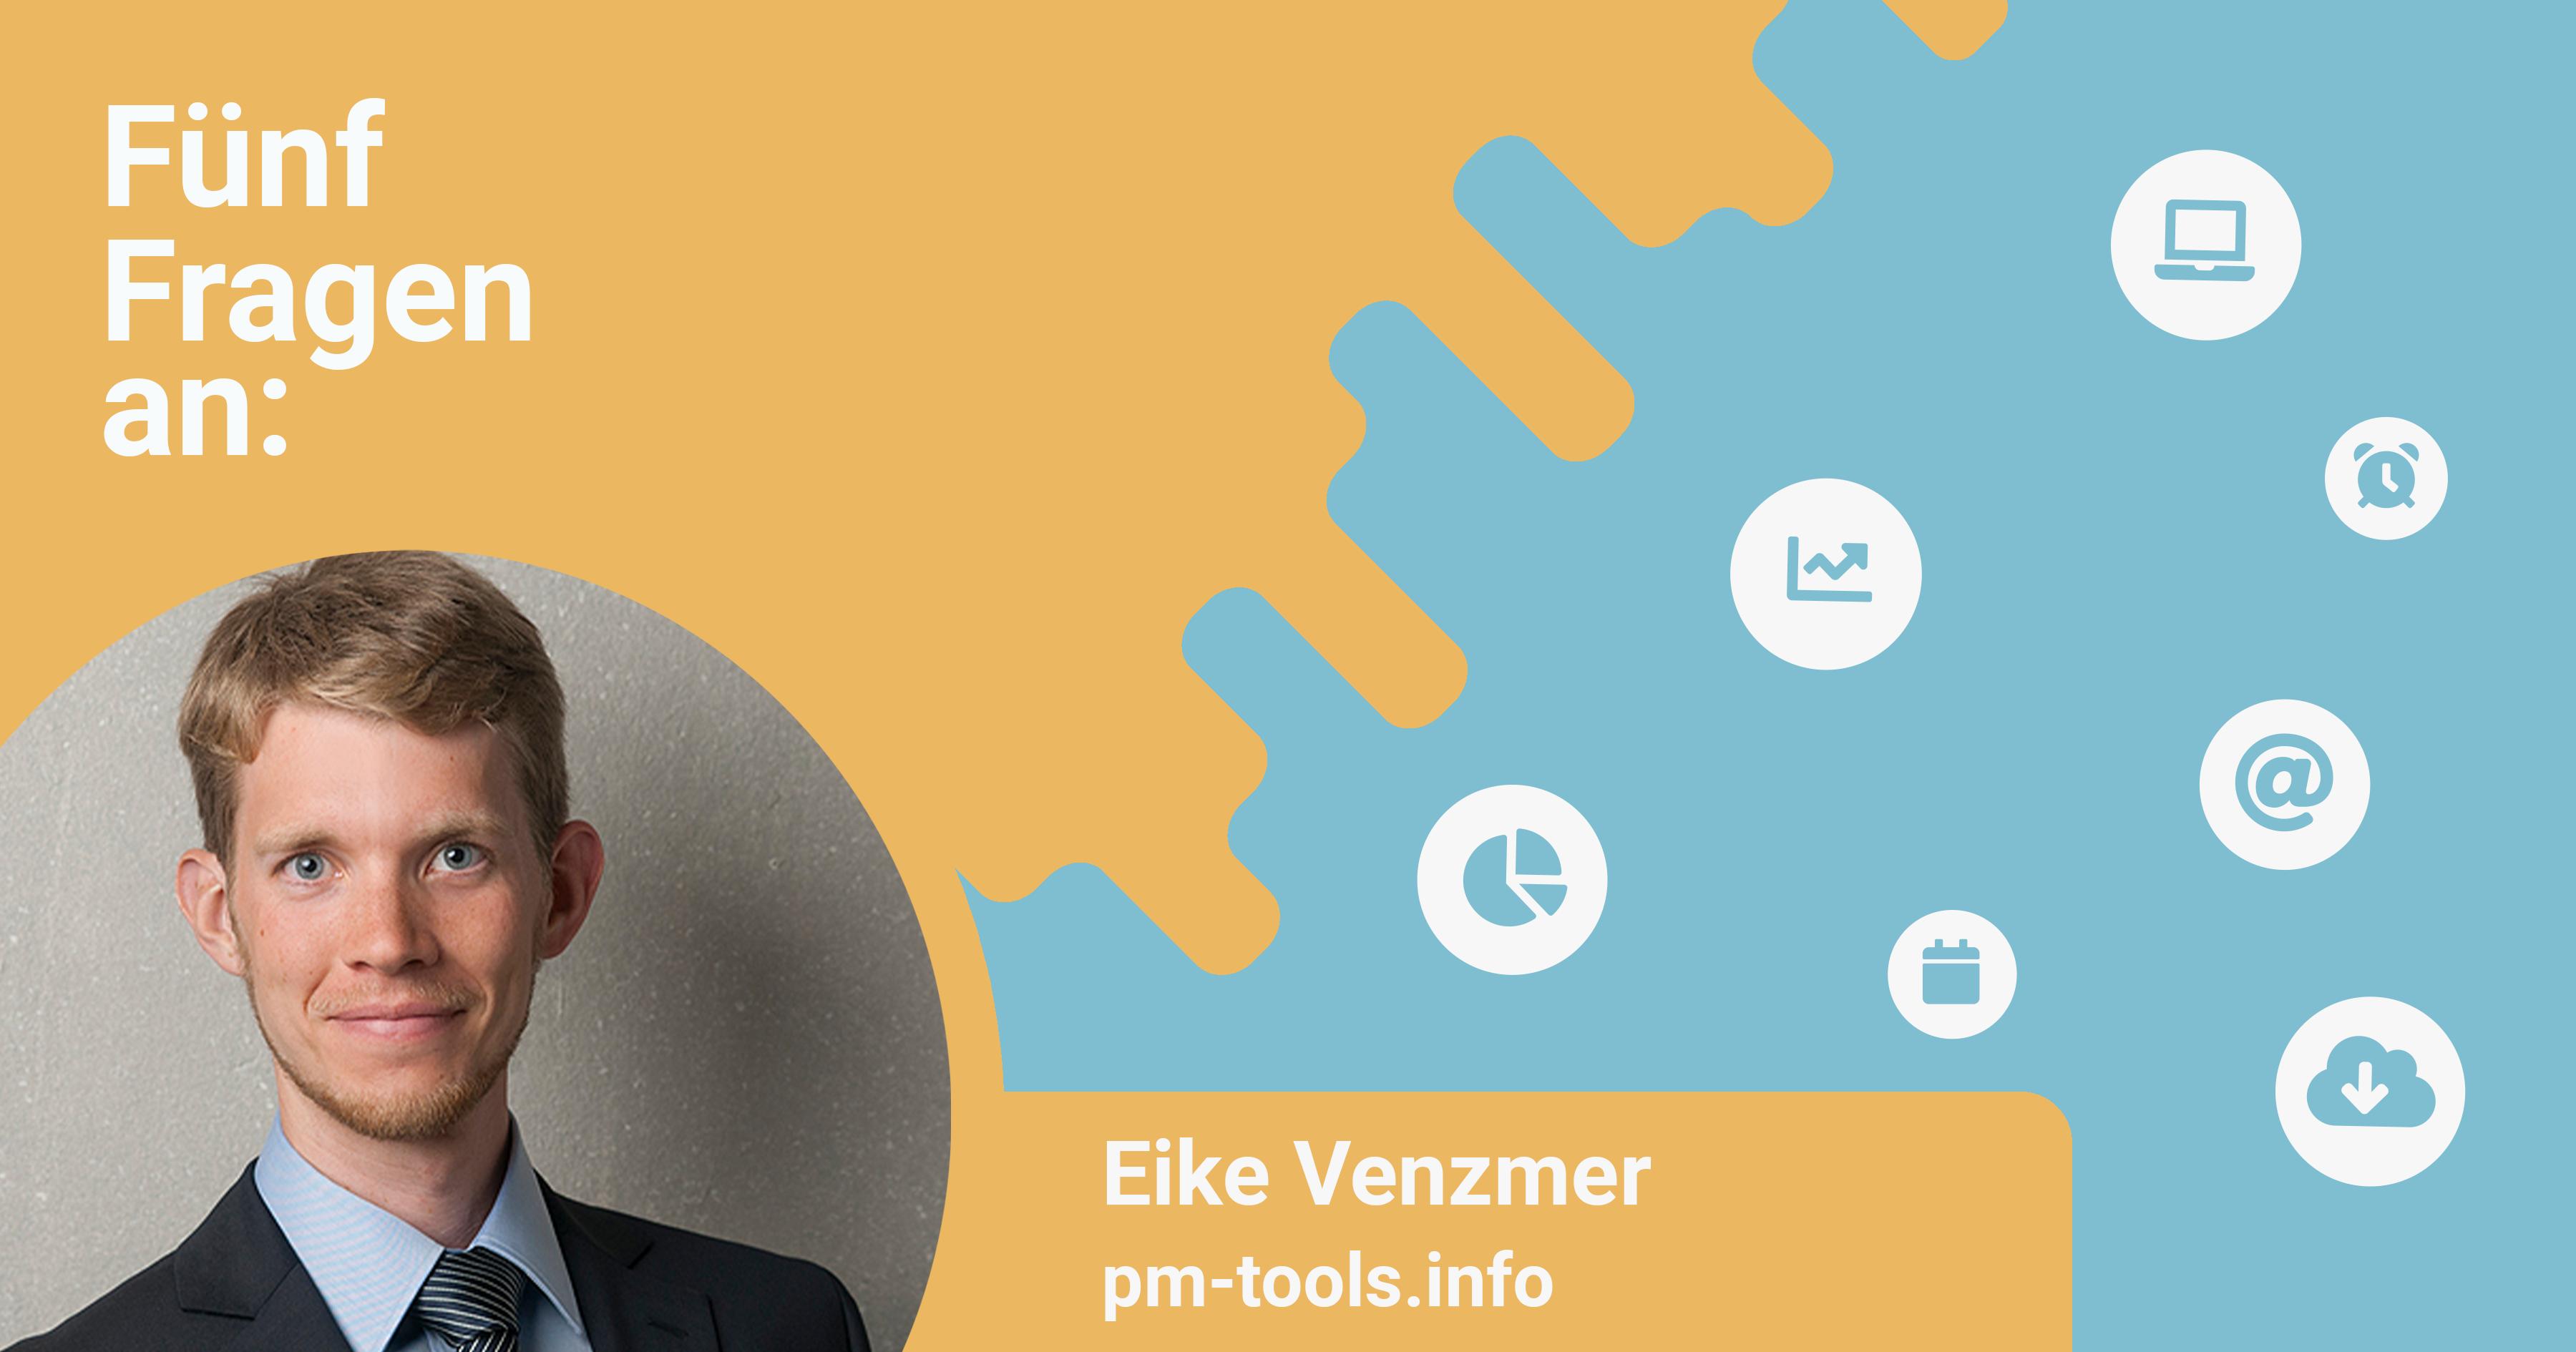 Eike Venzmer im Interview